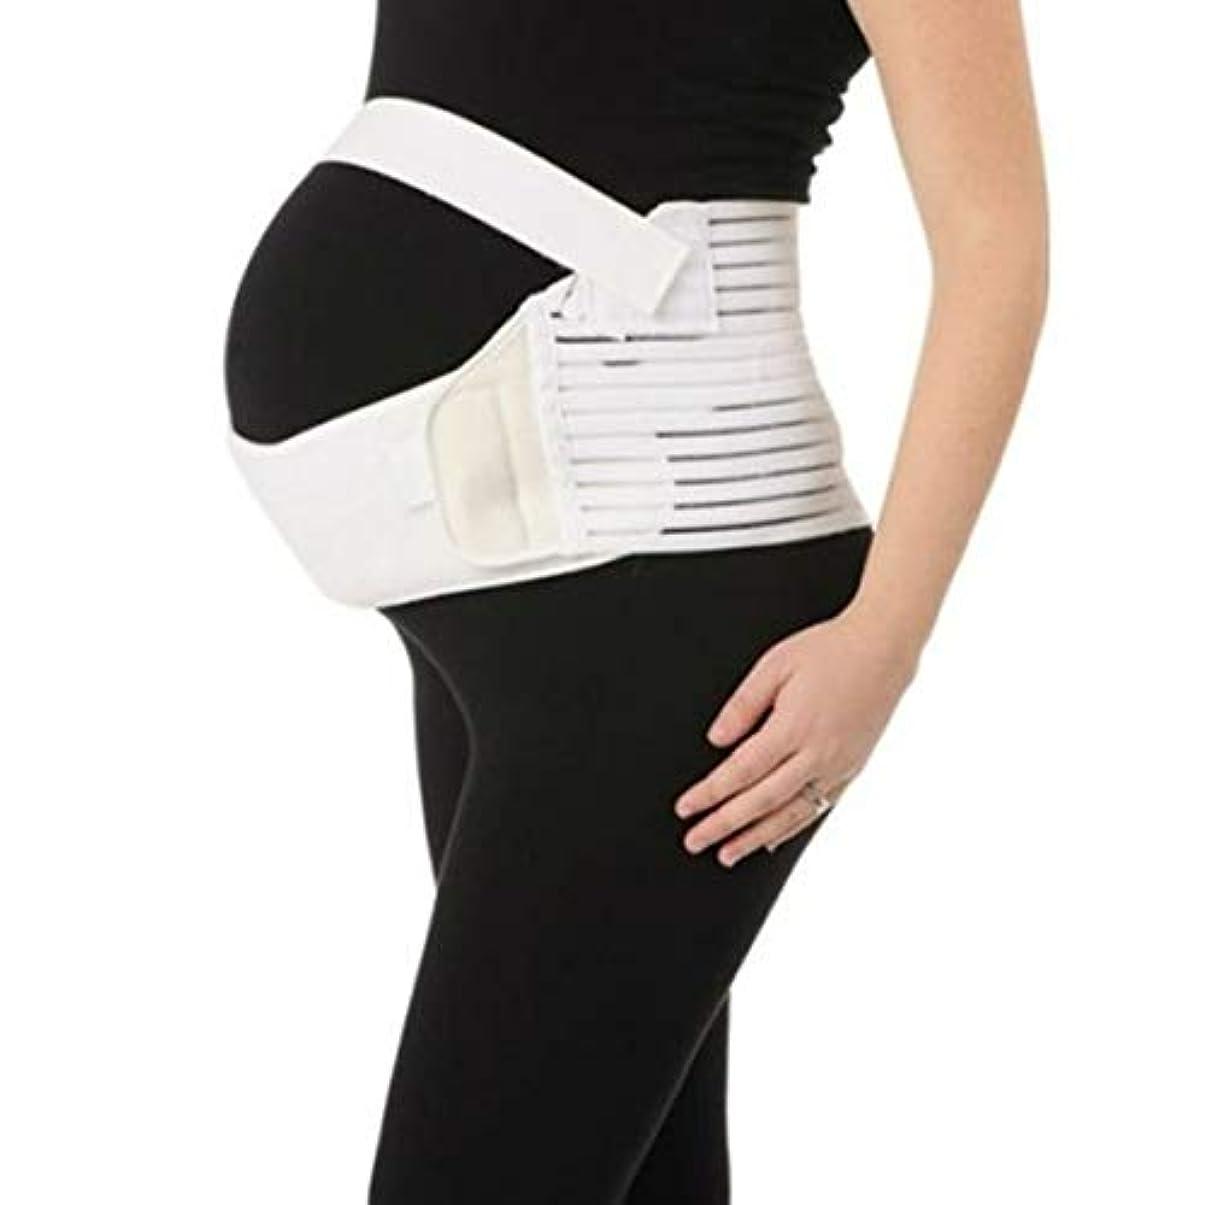 飲食店注入気球通気性マタニティベルト妊娠腹部サポート腹部バインダーガードル運動包帯産後回復形状ウェア - ホワイトXL